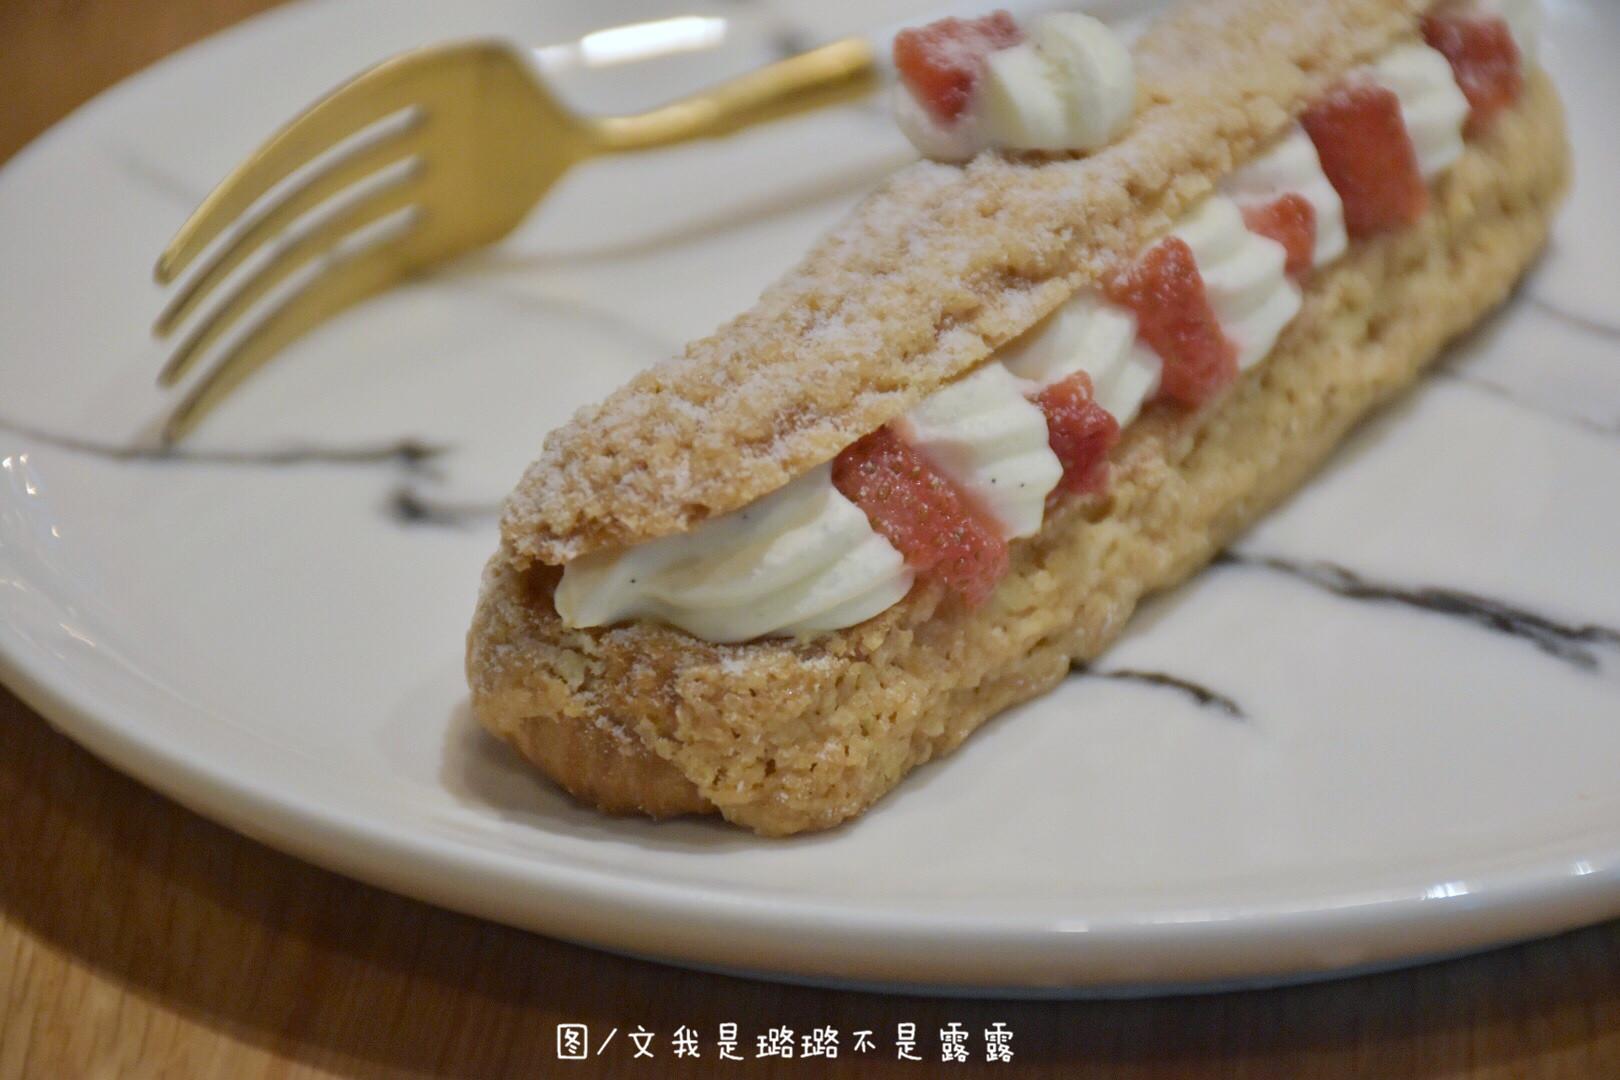 红丝绒奶酪面包棒的做法【图文】-面包-美食城移动版